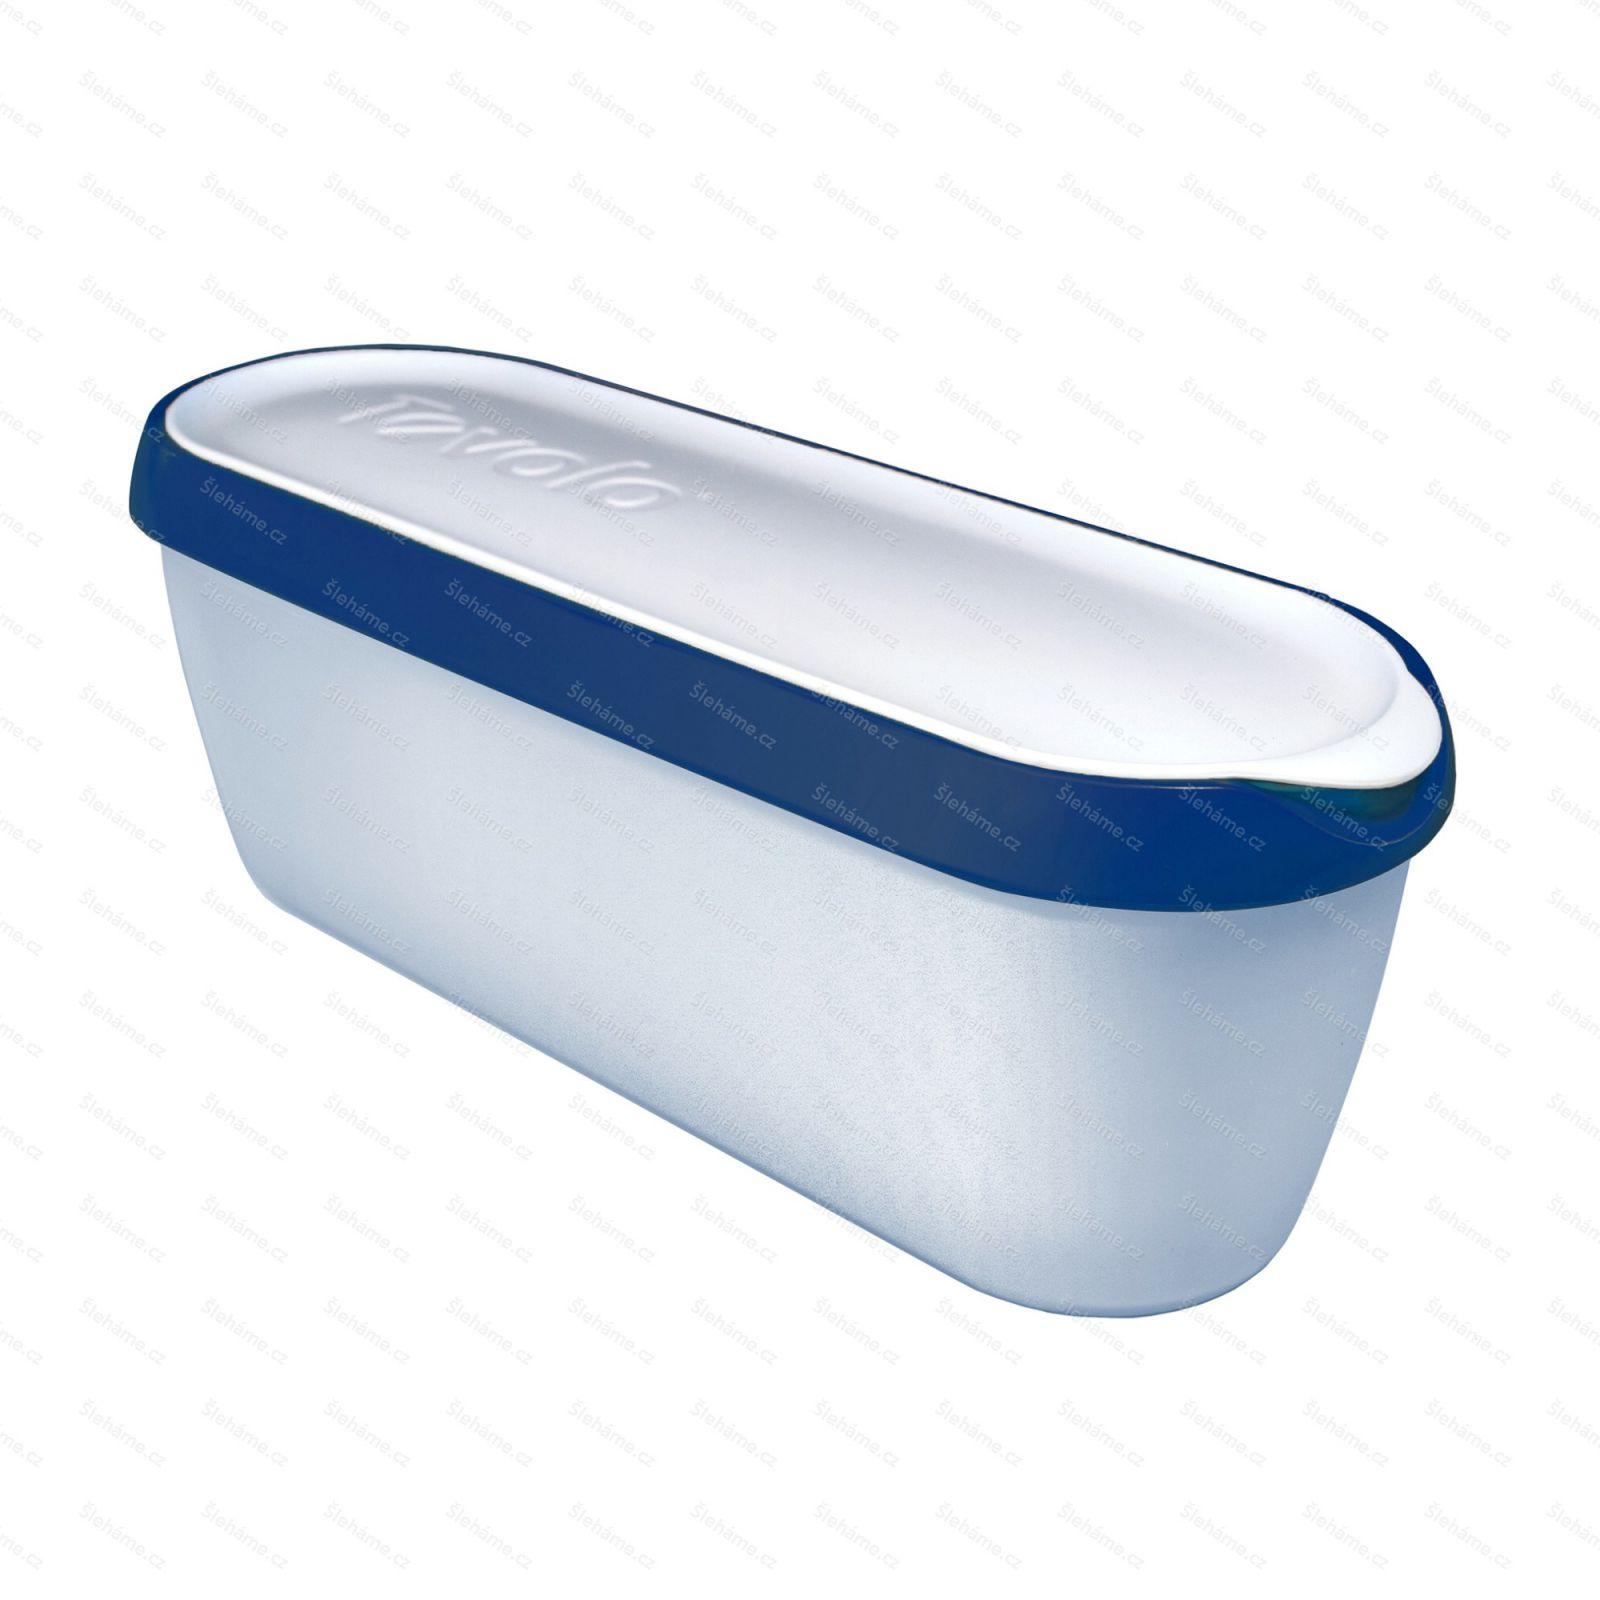 Ice cream tub Tovolo GLIDE-A-SCOOP 1.4 l, deep indigo